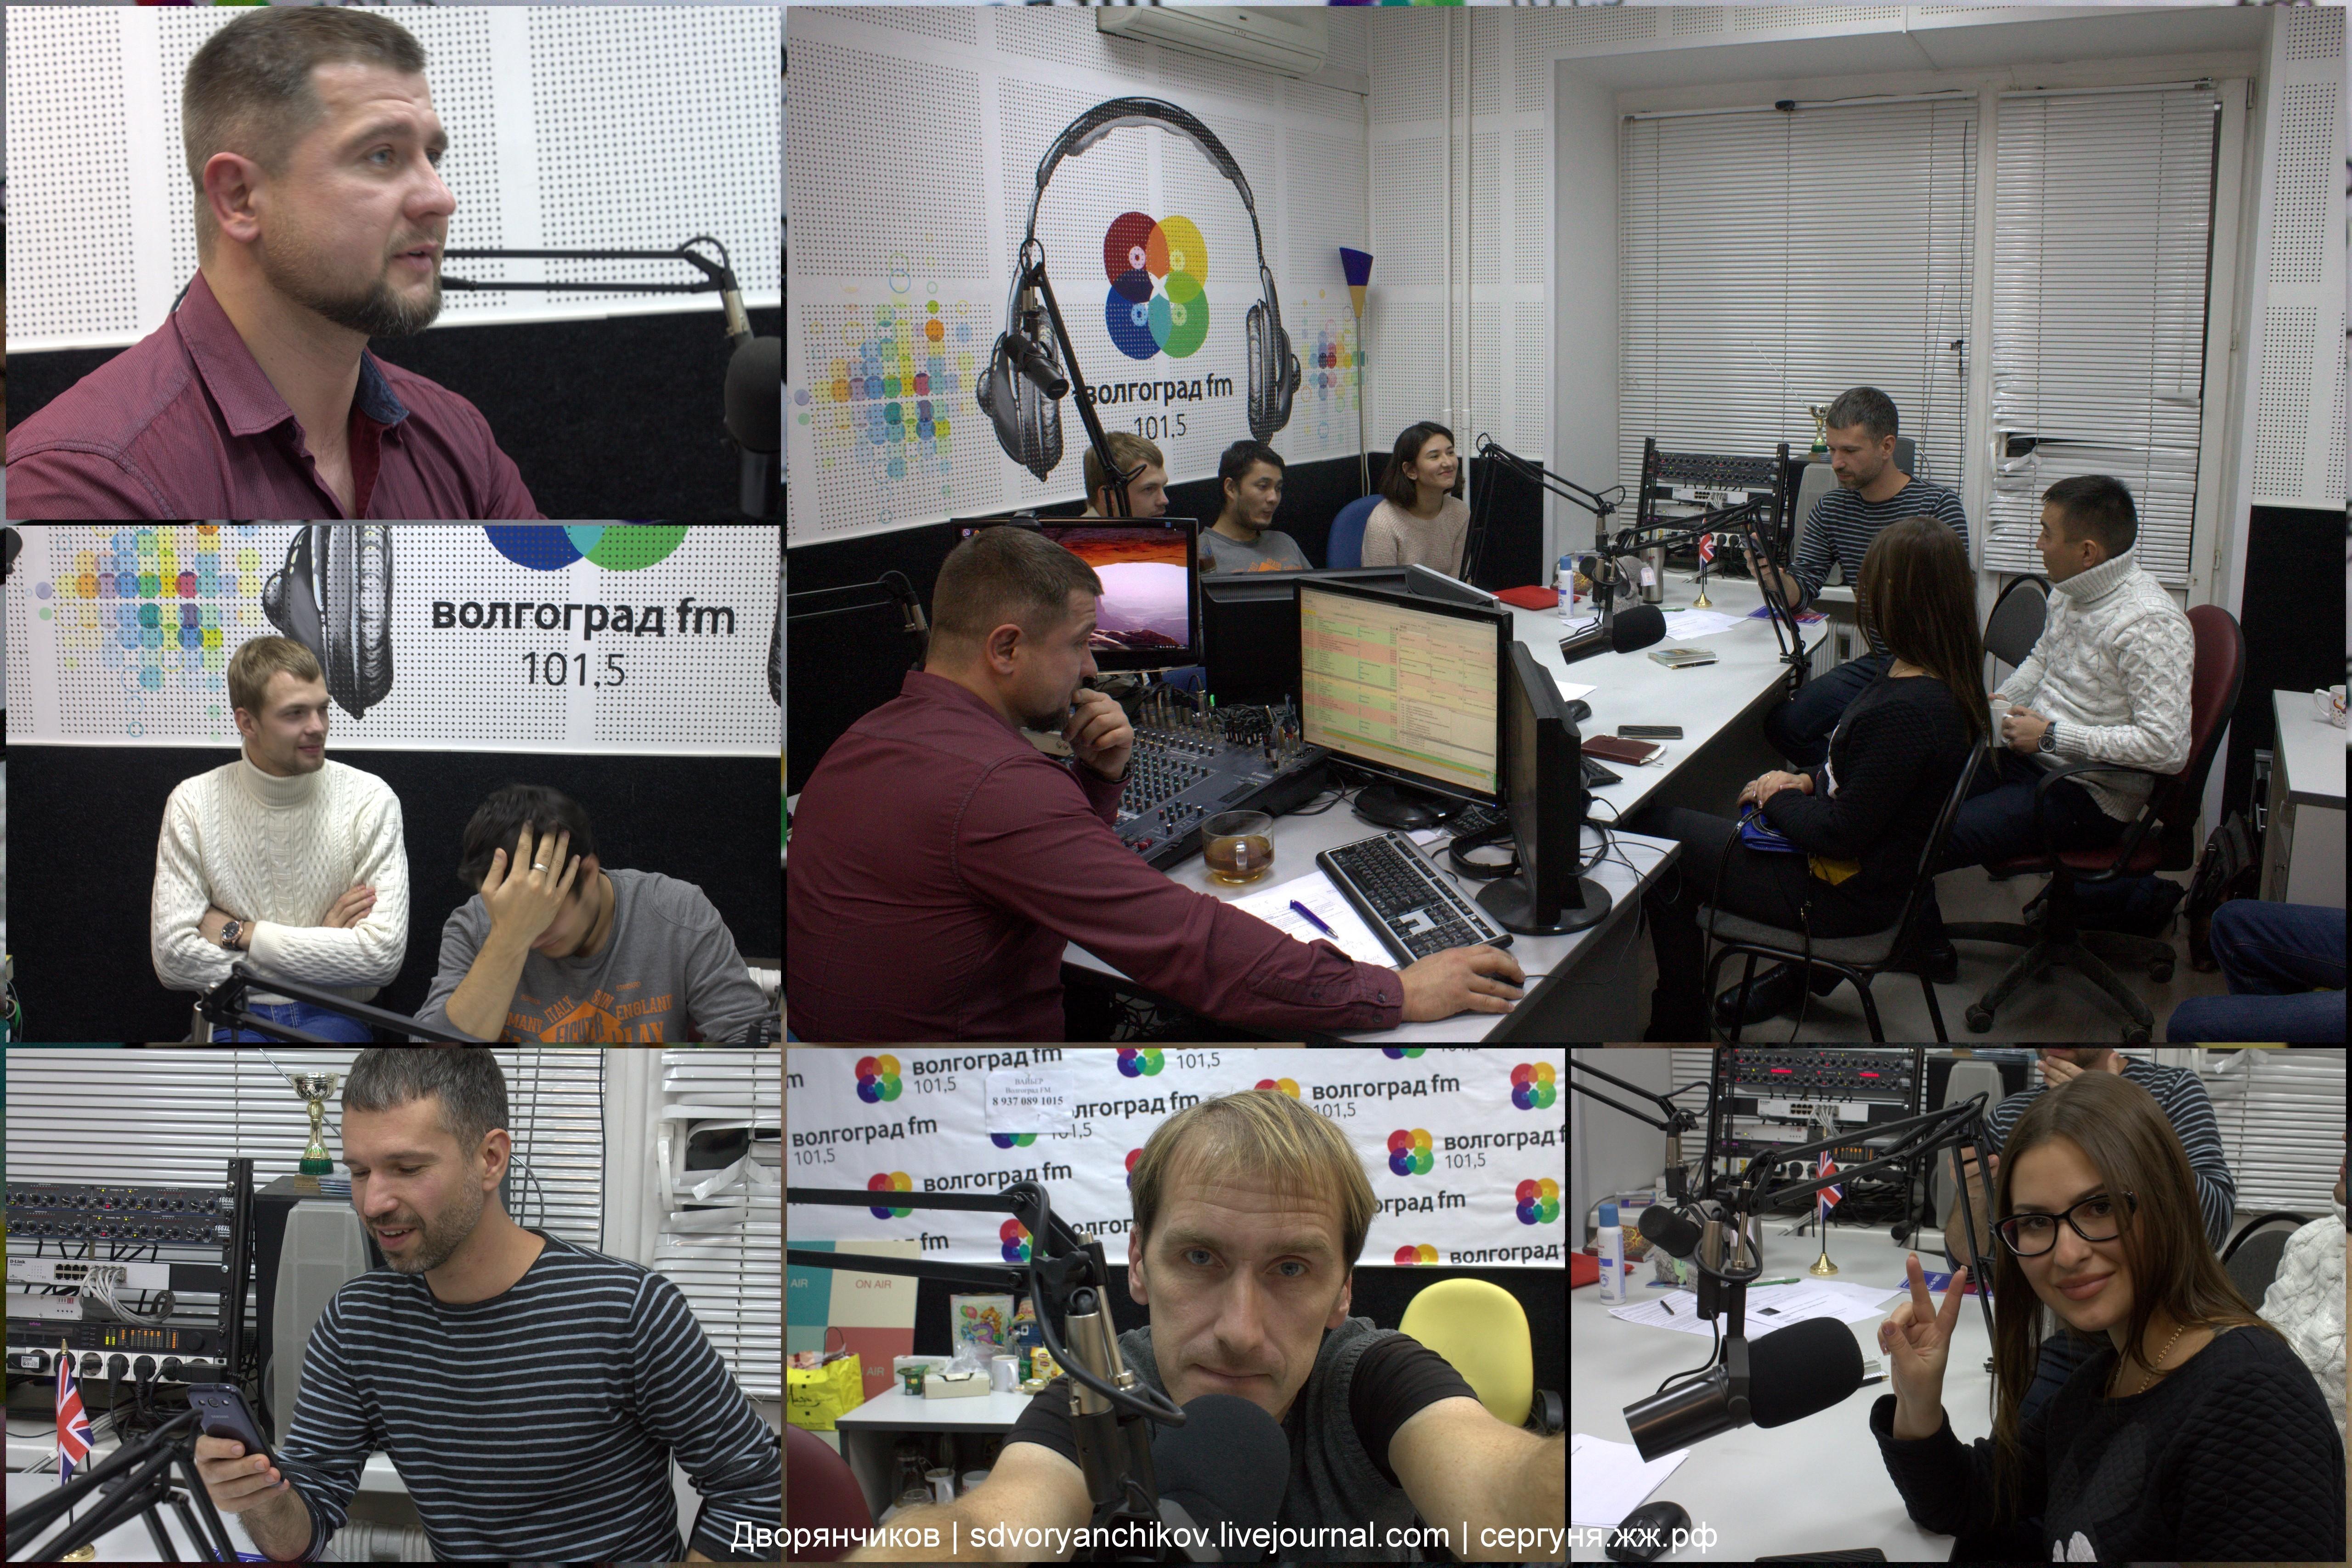 Волгоград - Школа радио - Часть 6 - Что говорить в эфире - 3 ноября 2016